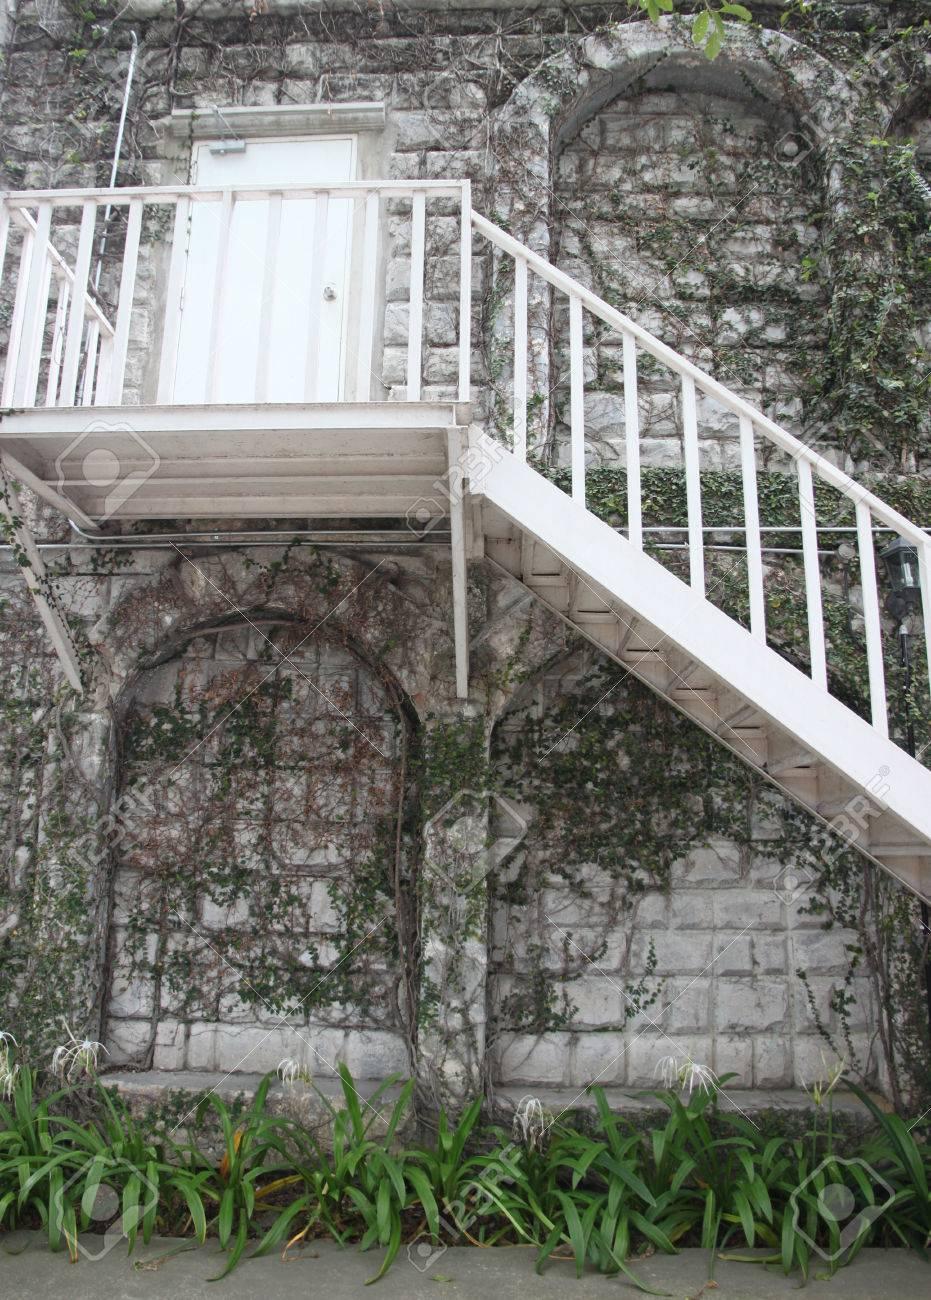 Escalier montée et des portes qui ont consulté la vierge.